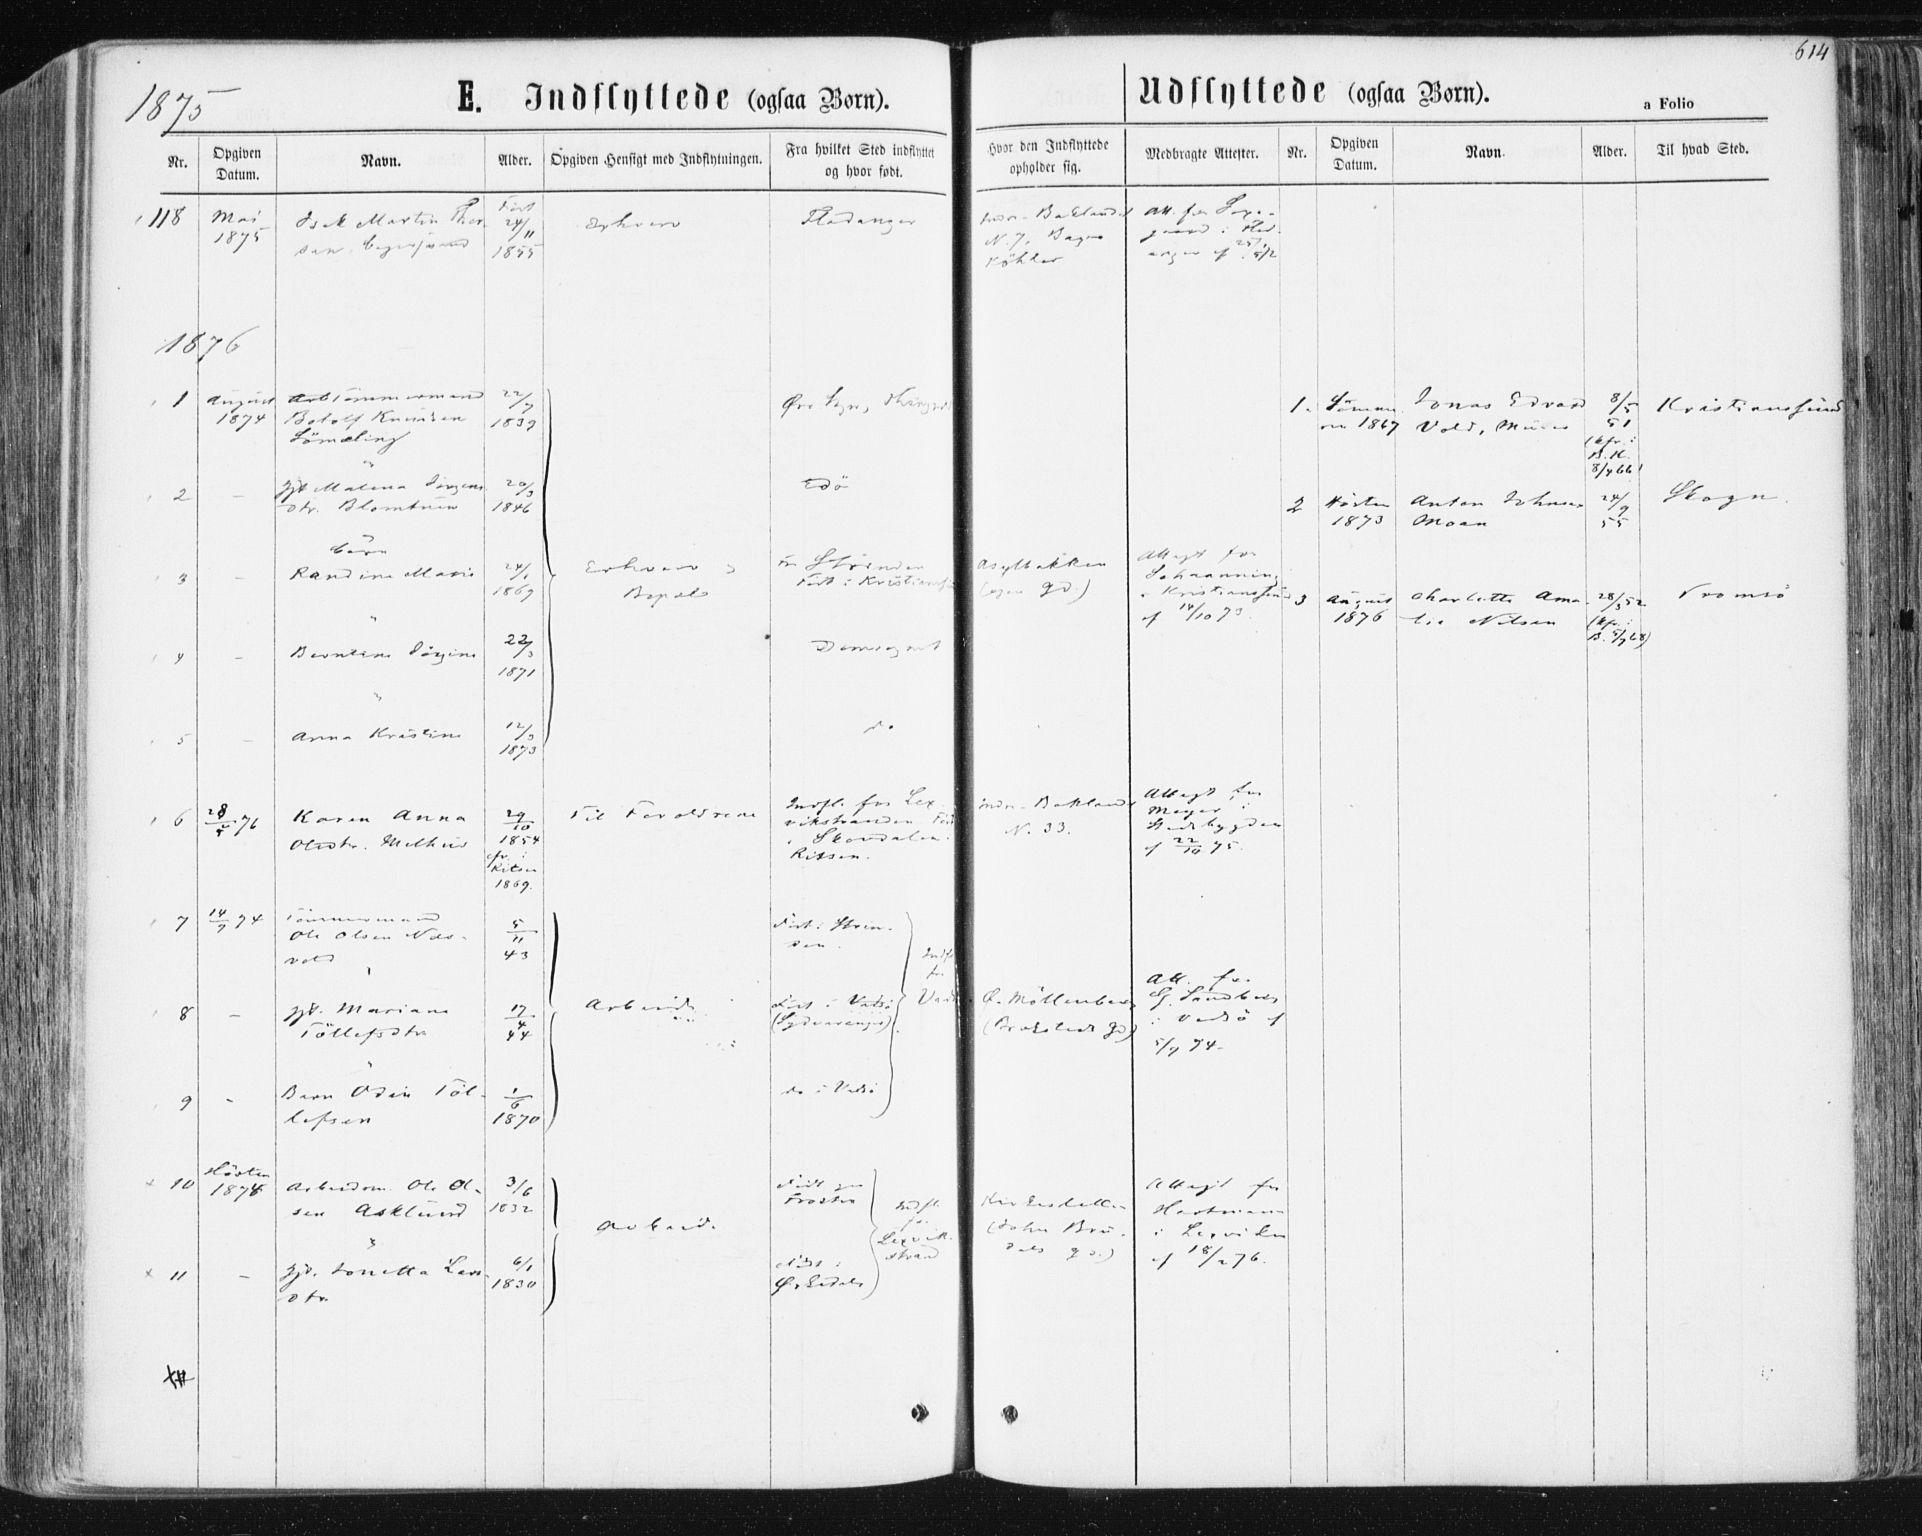 SAT, Ministerialprotokoller, klokkerbøker og fødselsregistre - Sør-Trøndelag, 604/L0186: Ministerialbok nr. 604A07, 1866-1877, s. 614